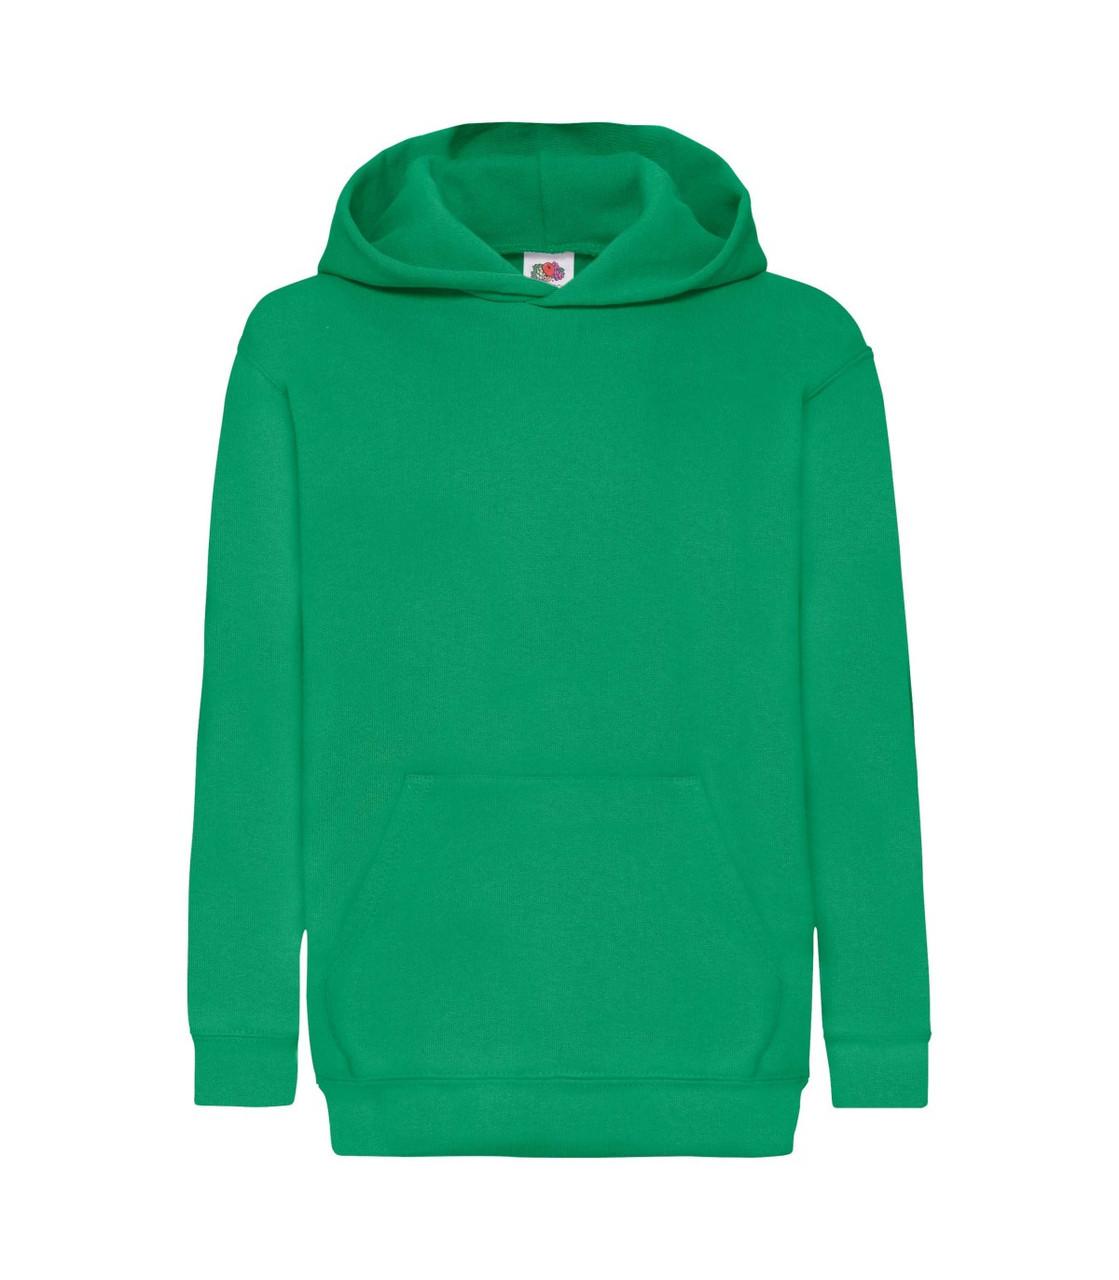 Детская толстовка с капюшоном утепленная зеленая 043-47